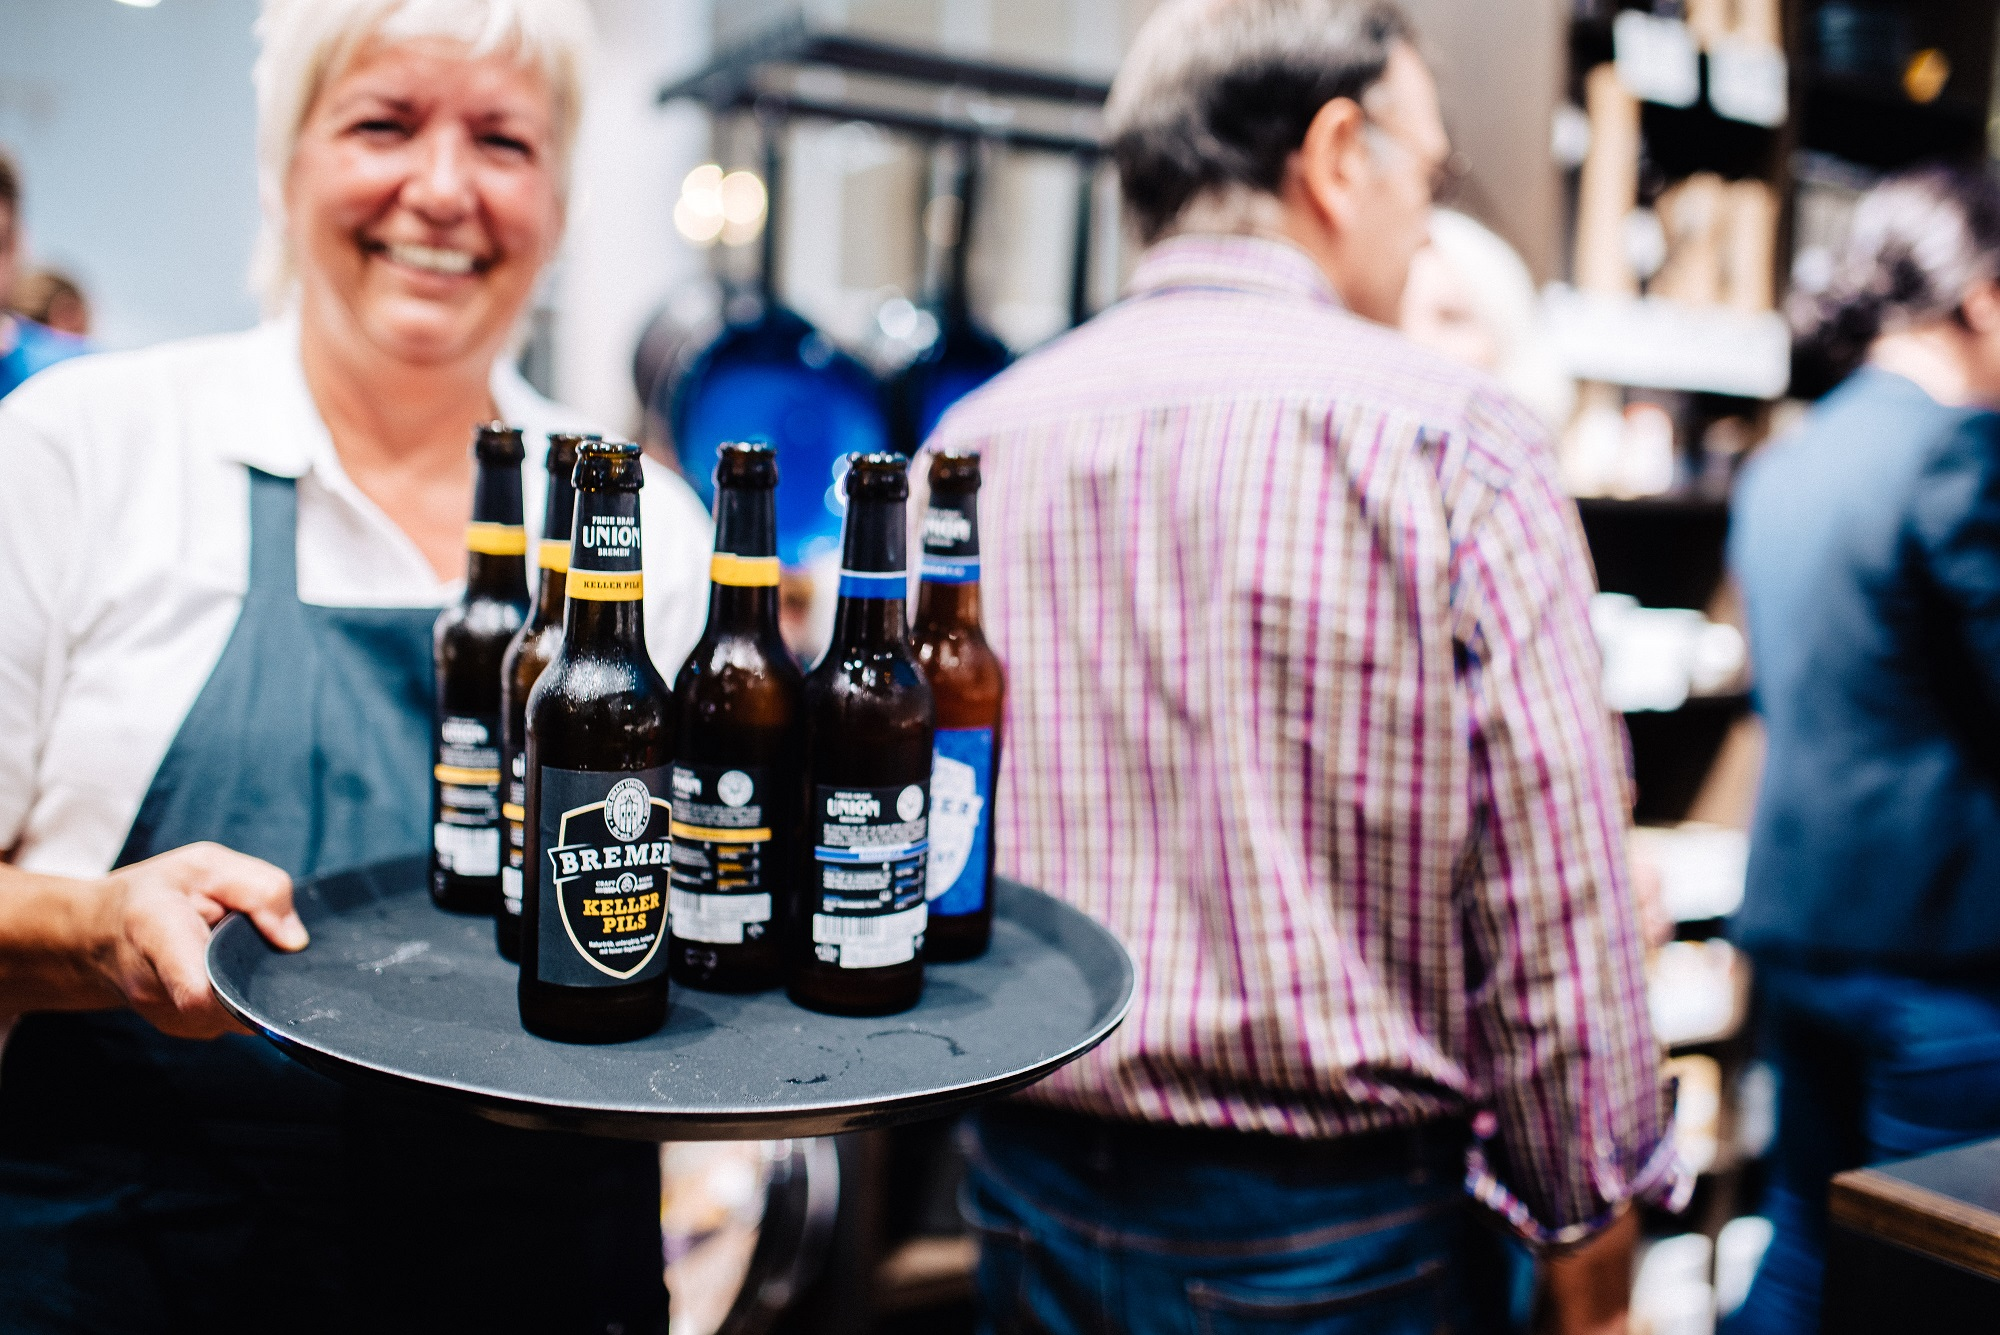 Die Craft-Biere der Bremer Union Brauerei gibt es auch bei Manufactum (c) Jonas Ginter